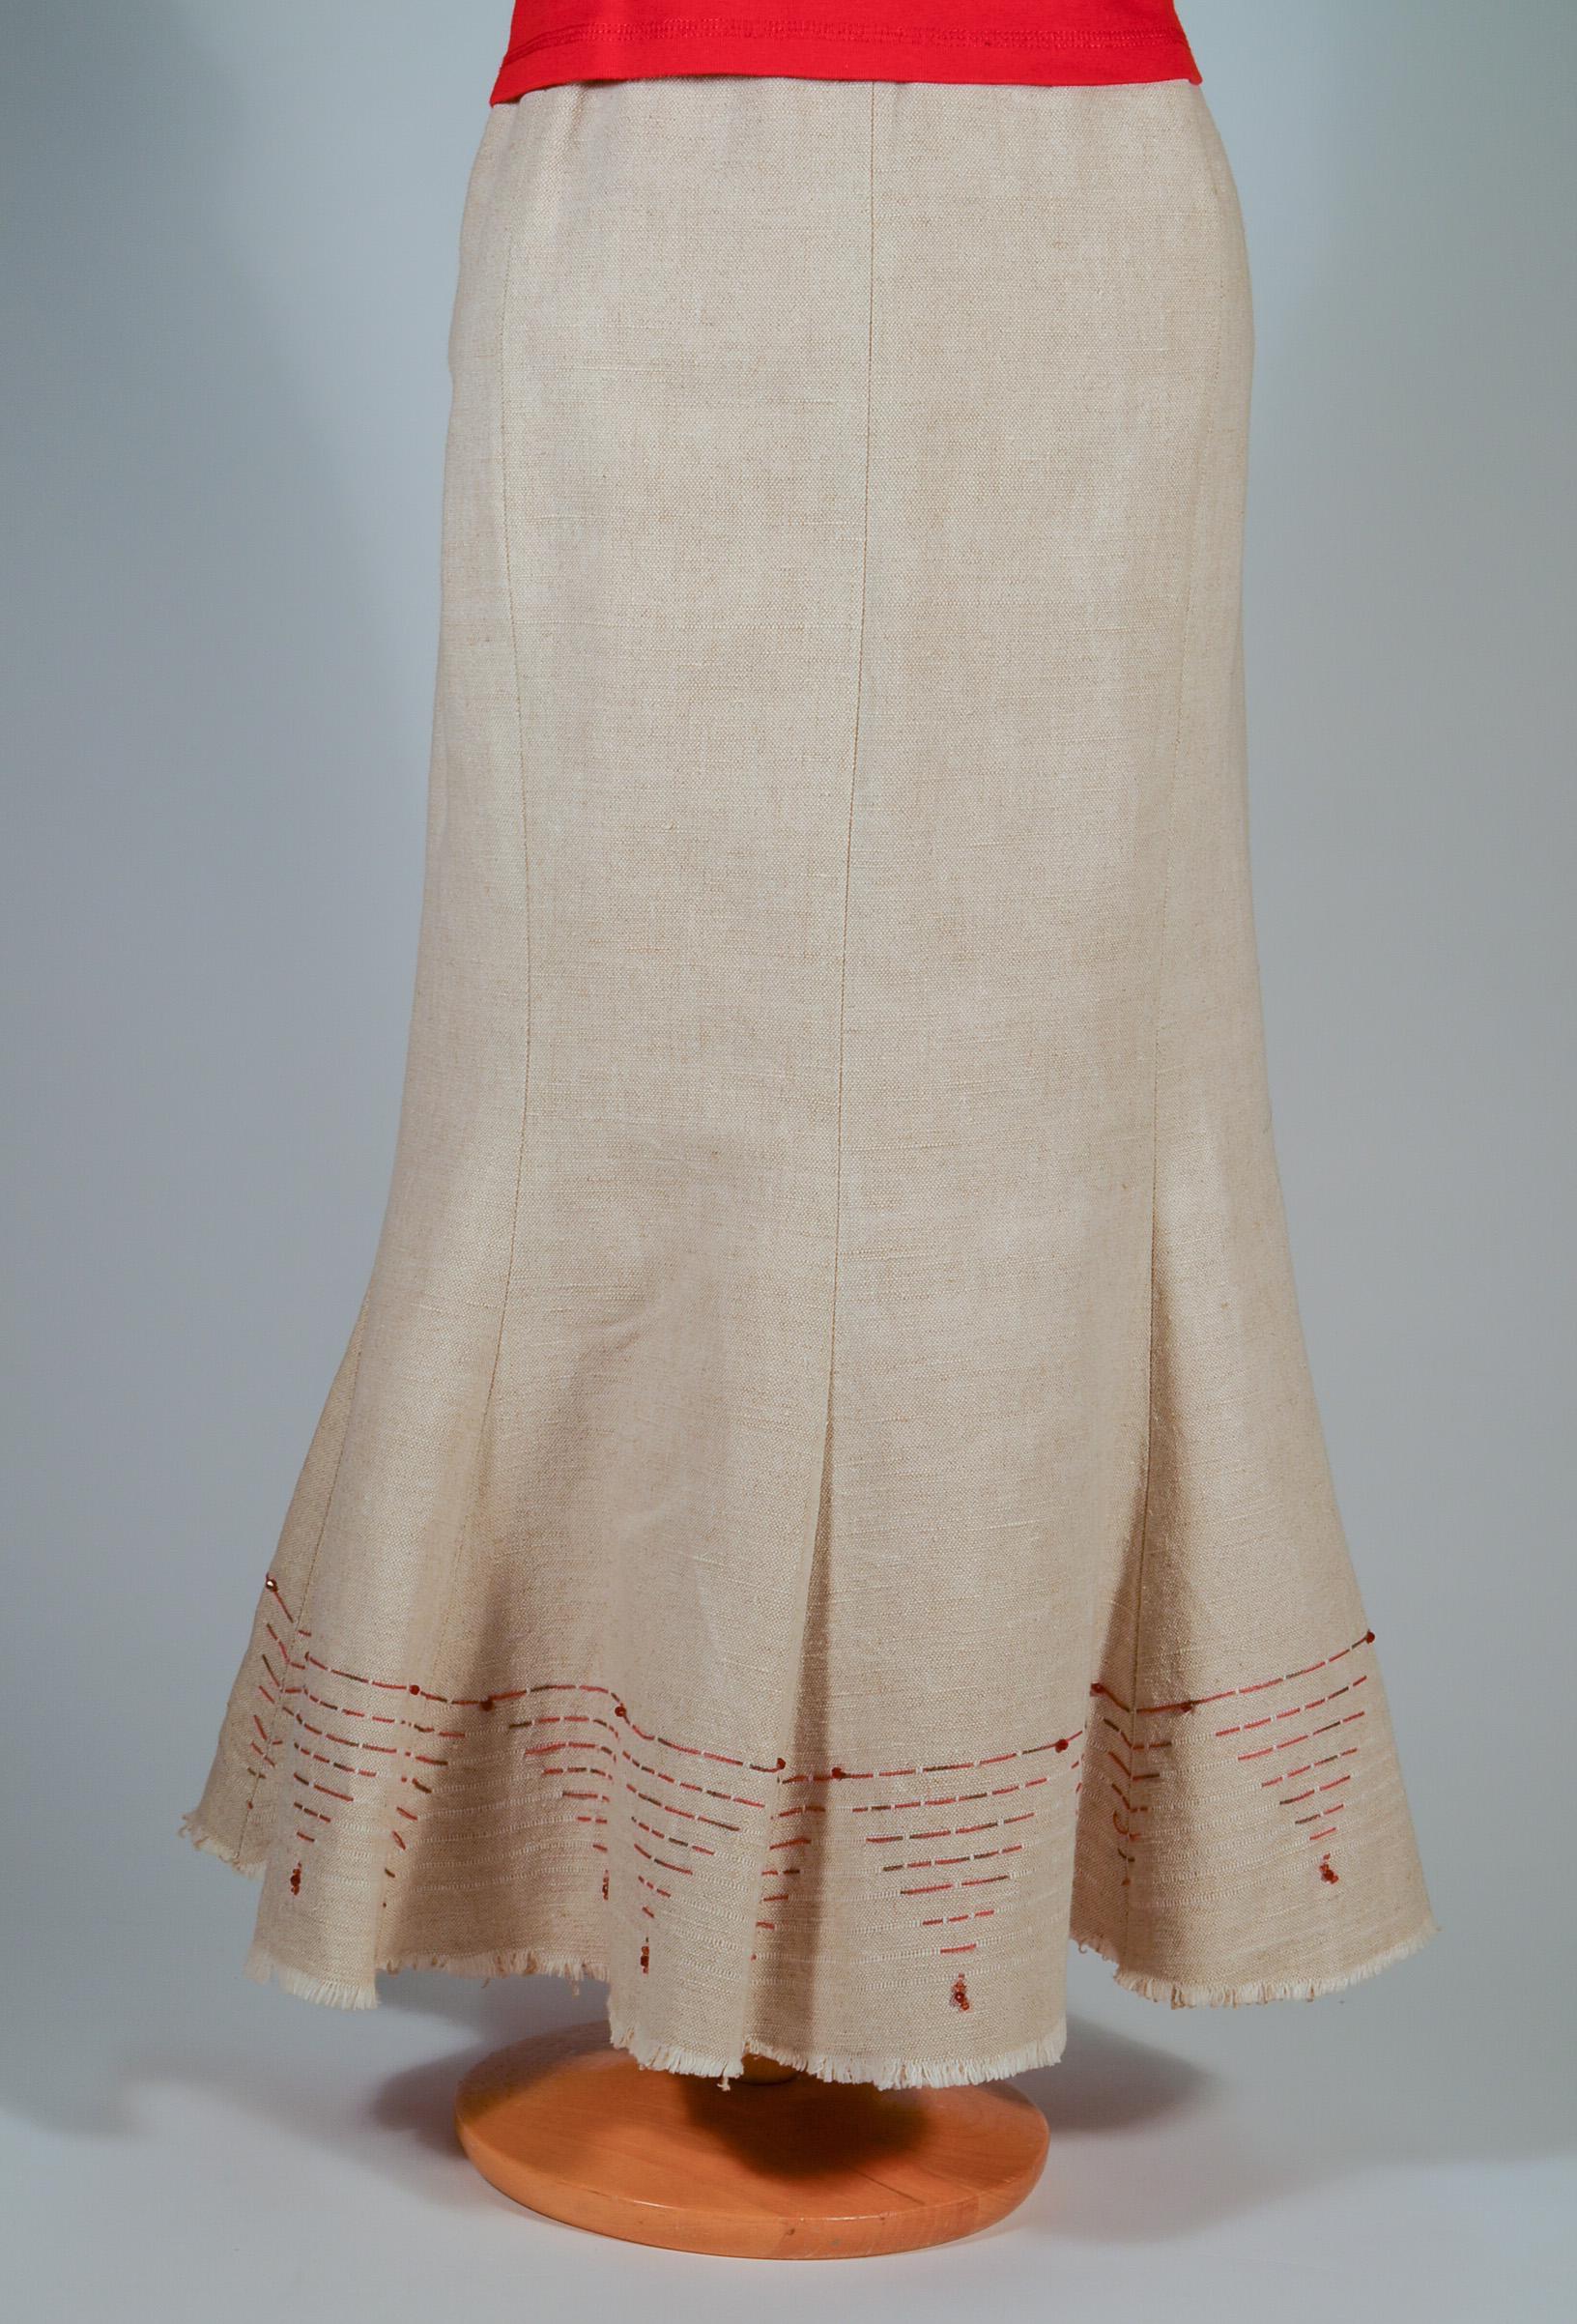 Stockbridge Skirt